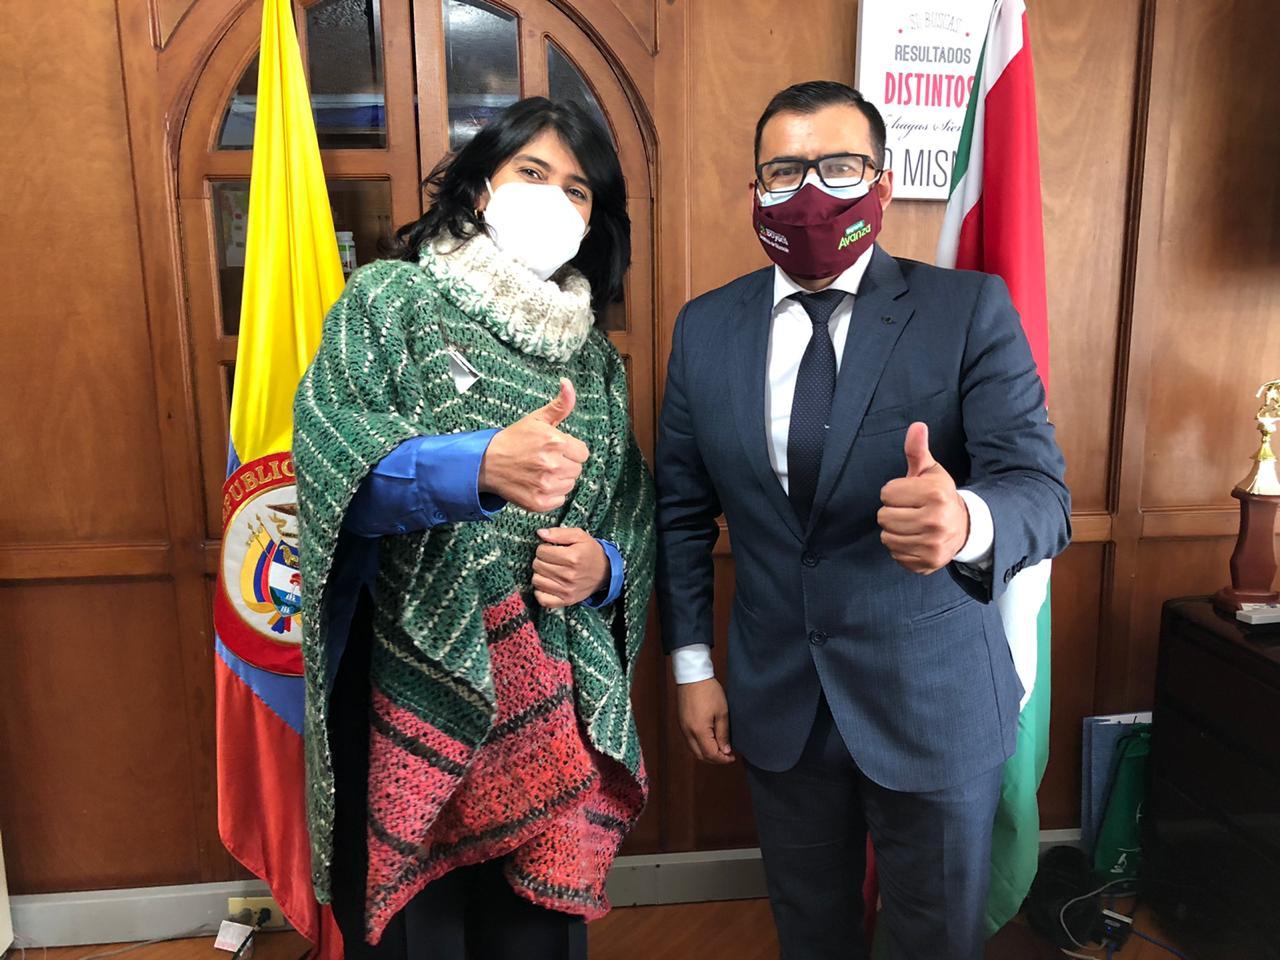 Foto: Juan Diego Rodríguez Pardo-UACP